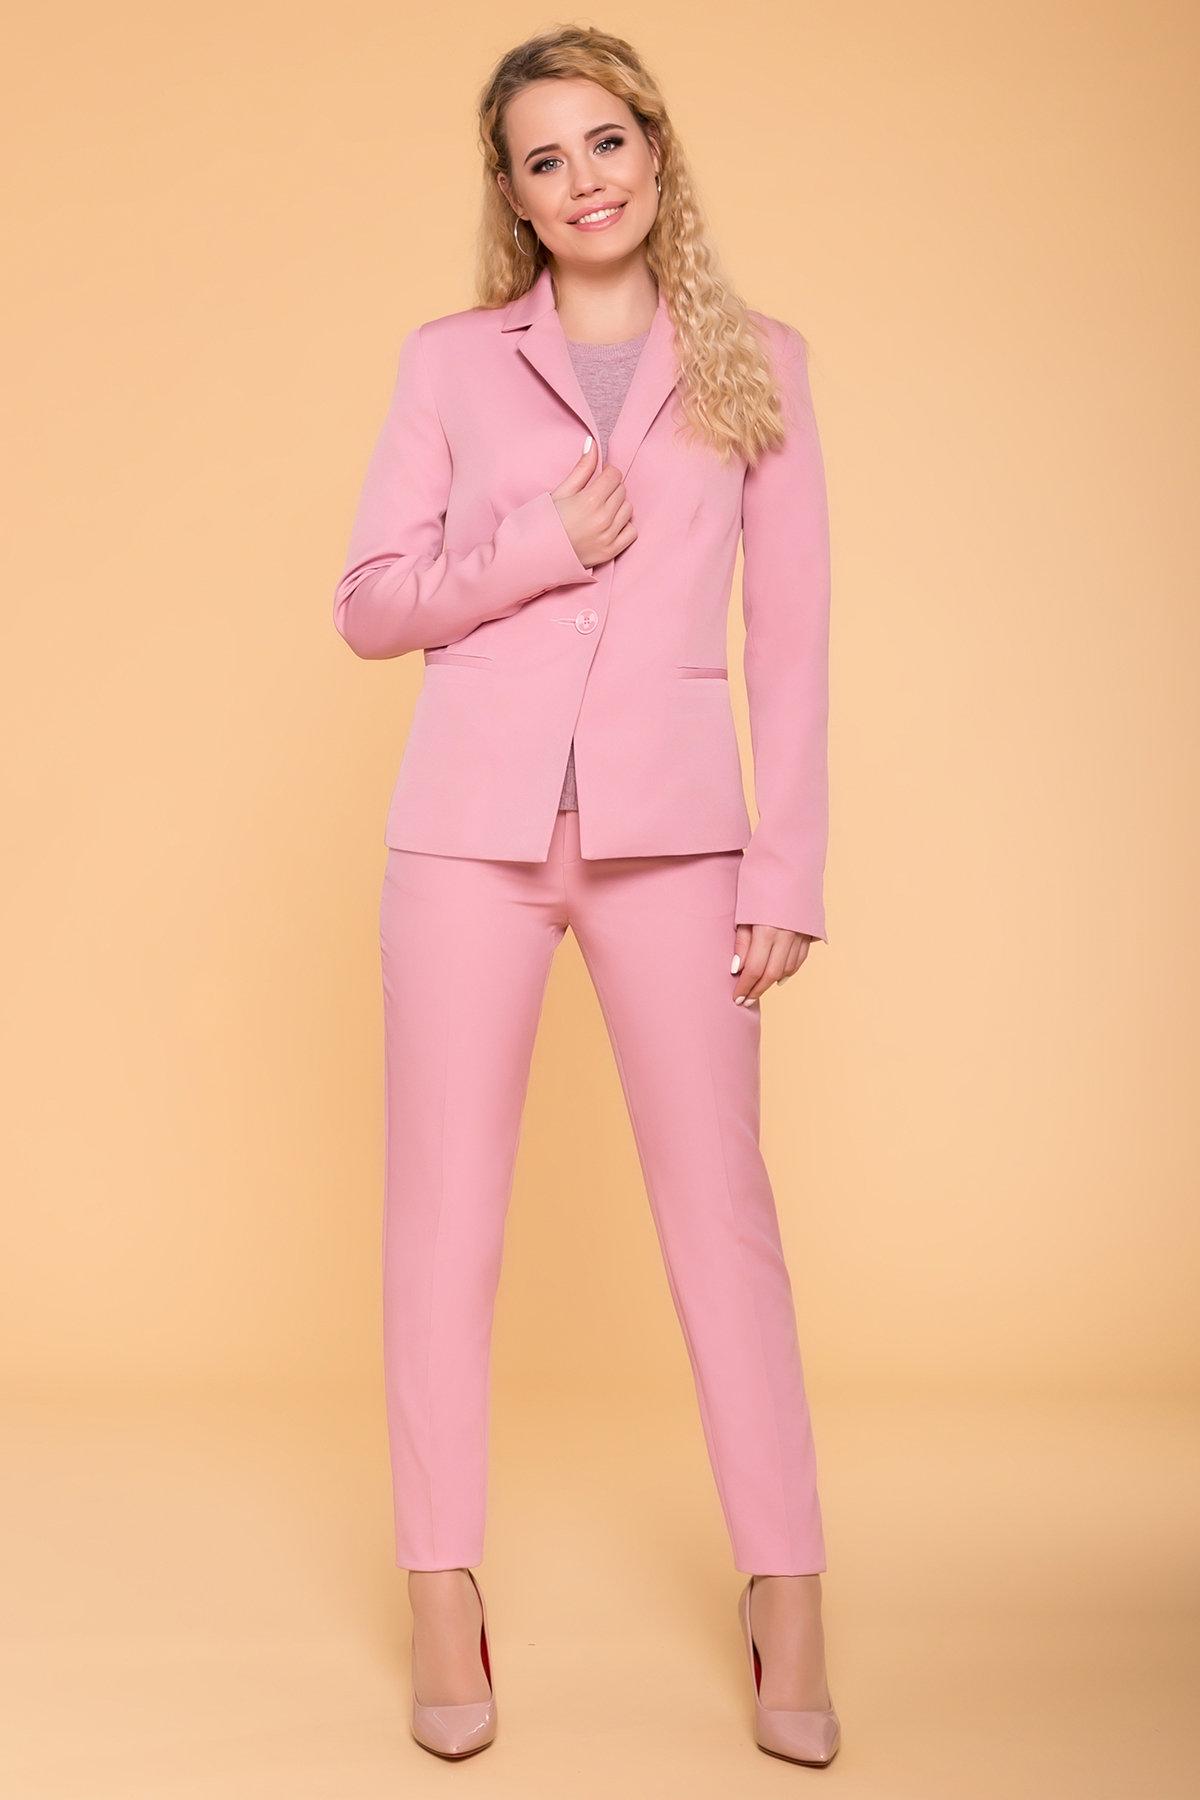 Базовые брюки со стрелками Эдвин 2467 АРТ. 41707 Цвет: Пудра - фото 3, интернет магазин tm-modus.ru